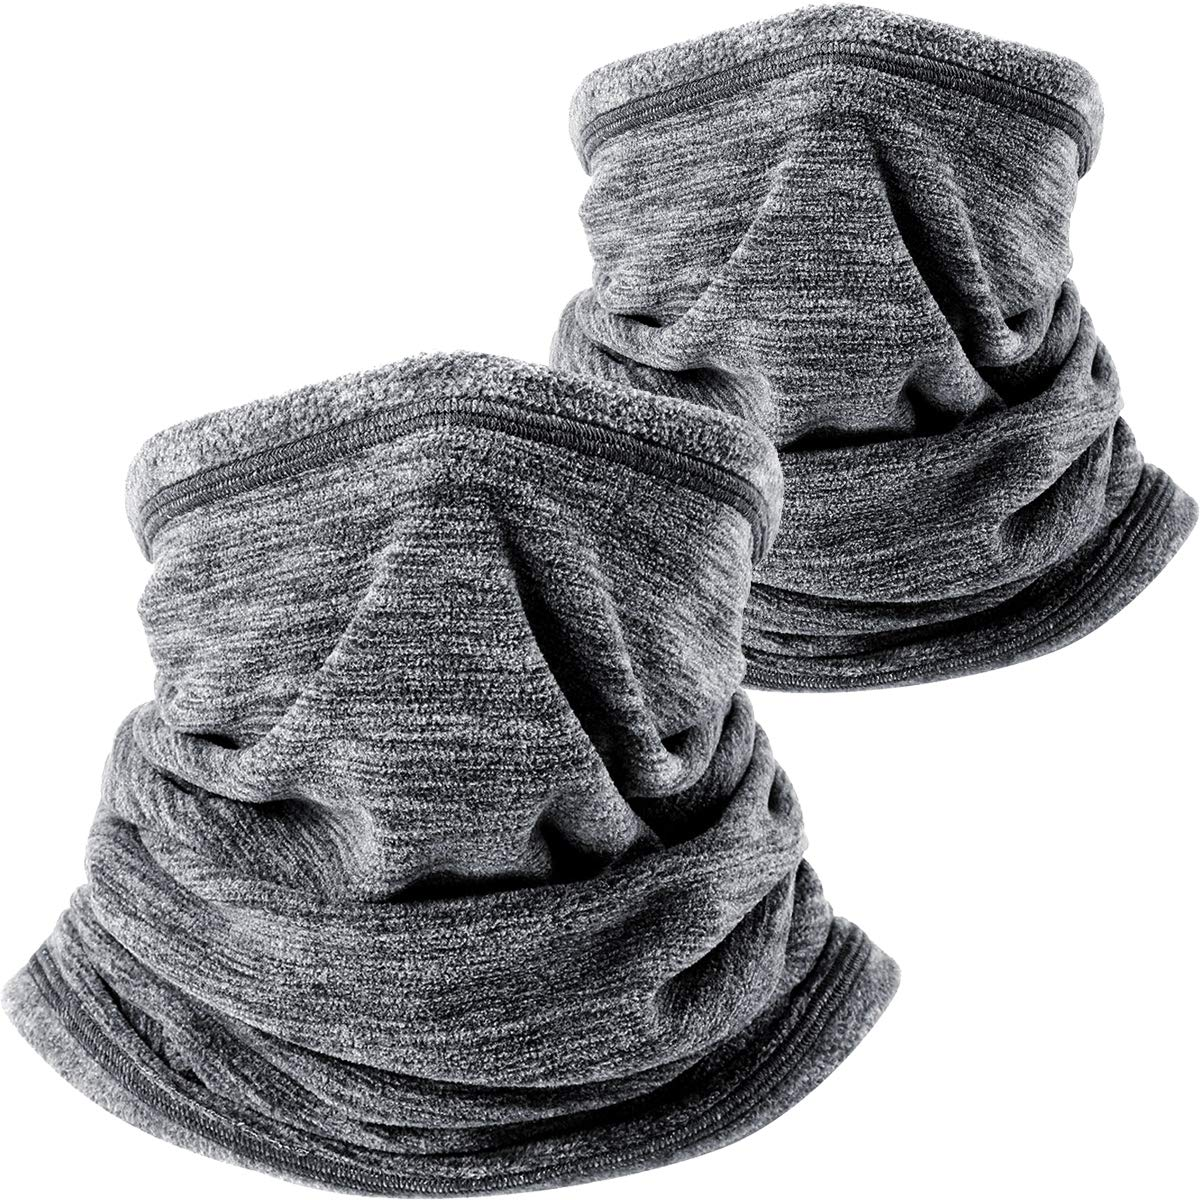 Wtactful Scaldacollo in morbido pile, sciarpa per tenere al caldo durante il freddo inverno mentre si pratica sport all' aperto, confezione da 2 sciarpa per tenere al caldo durante il freddo inverno mentre si pratica sport all' aperto AA-C-0102-2